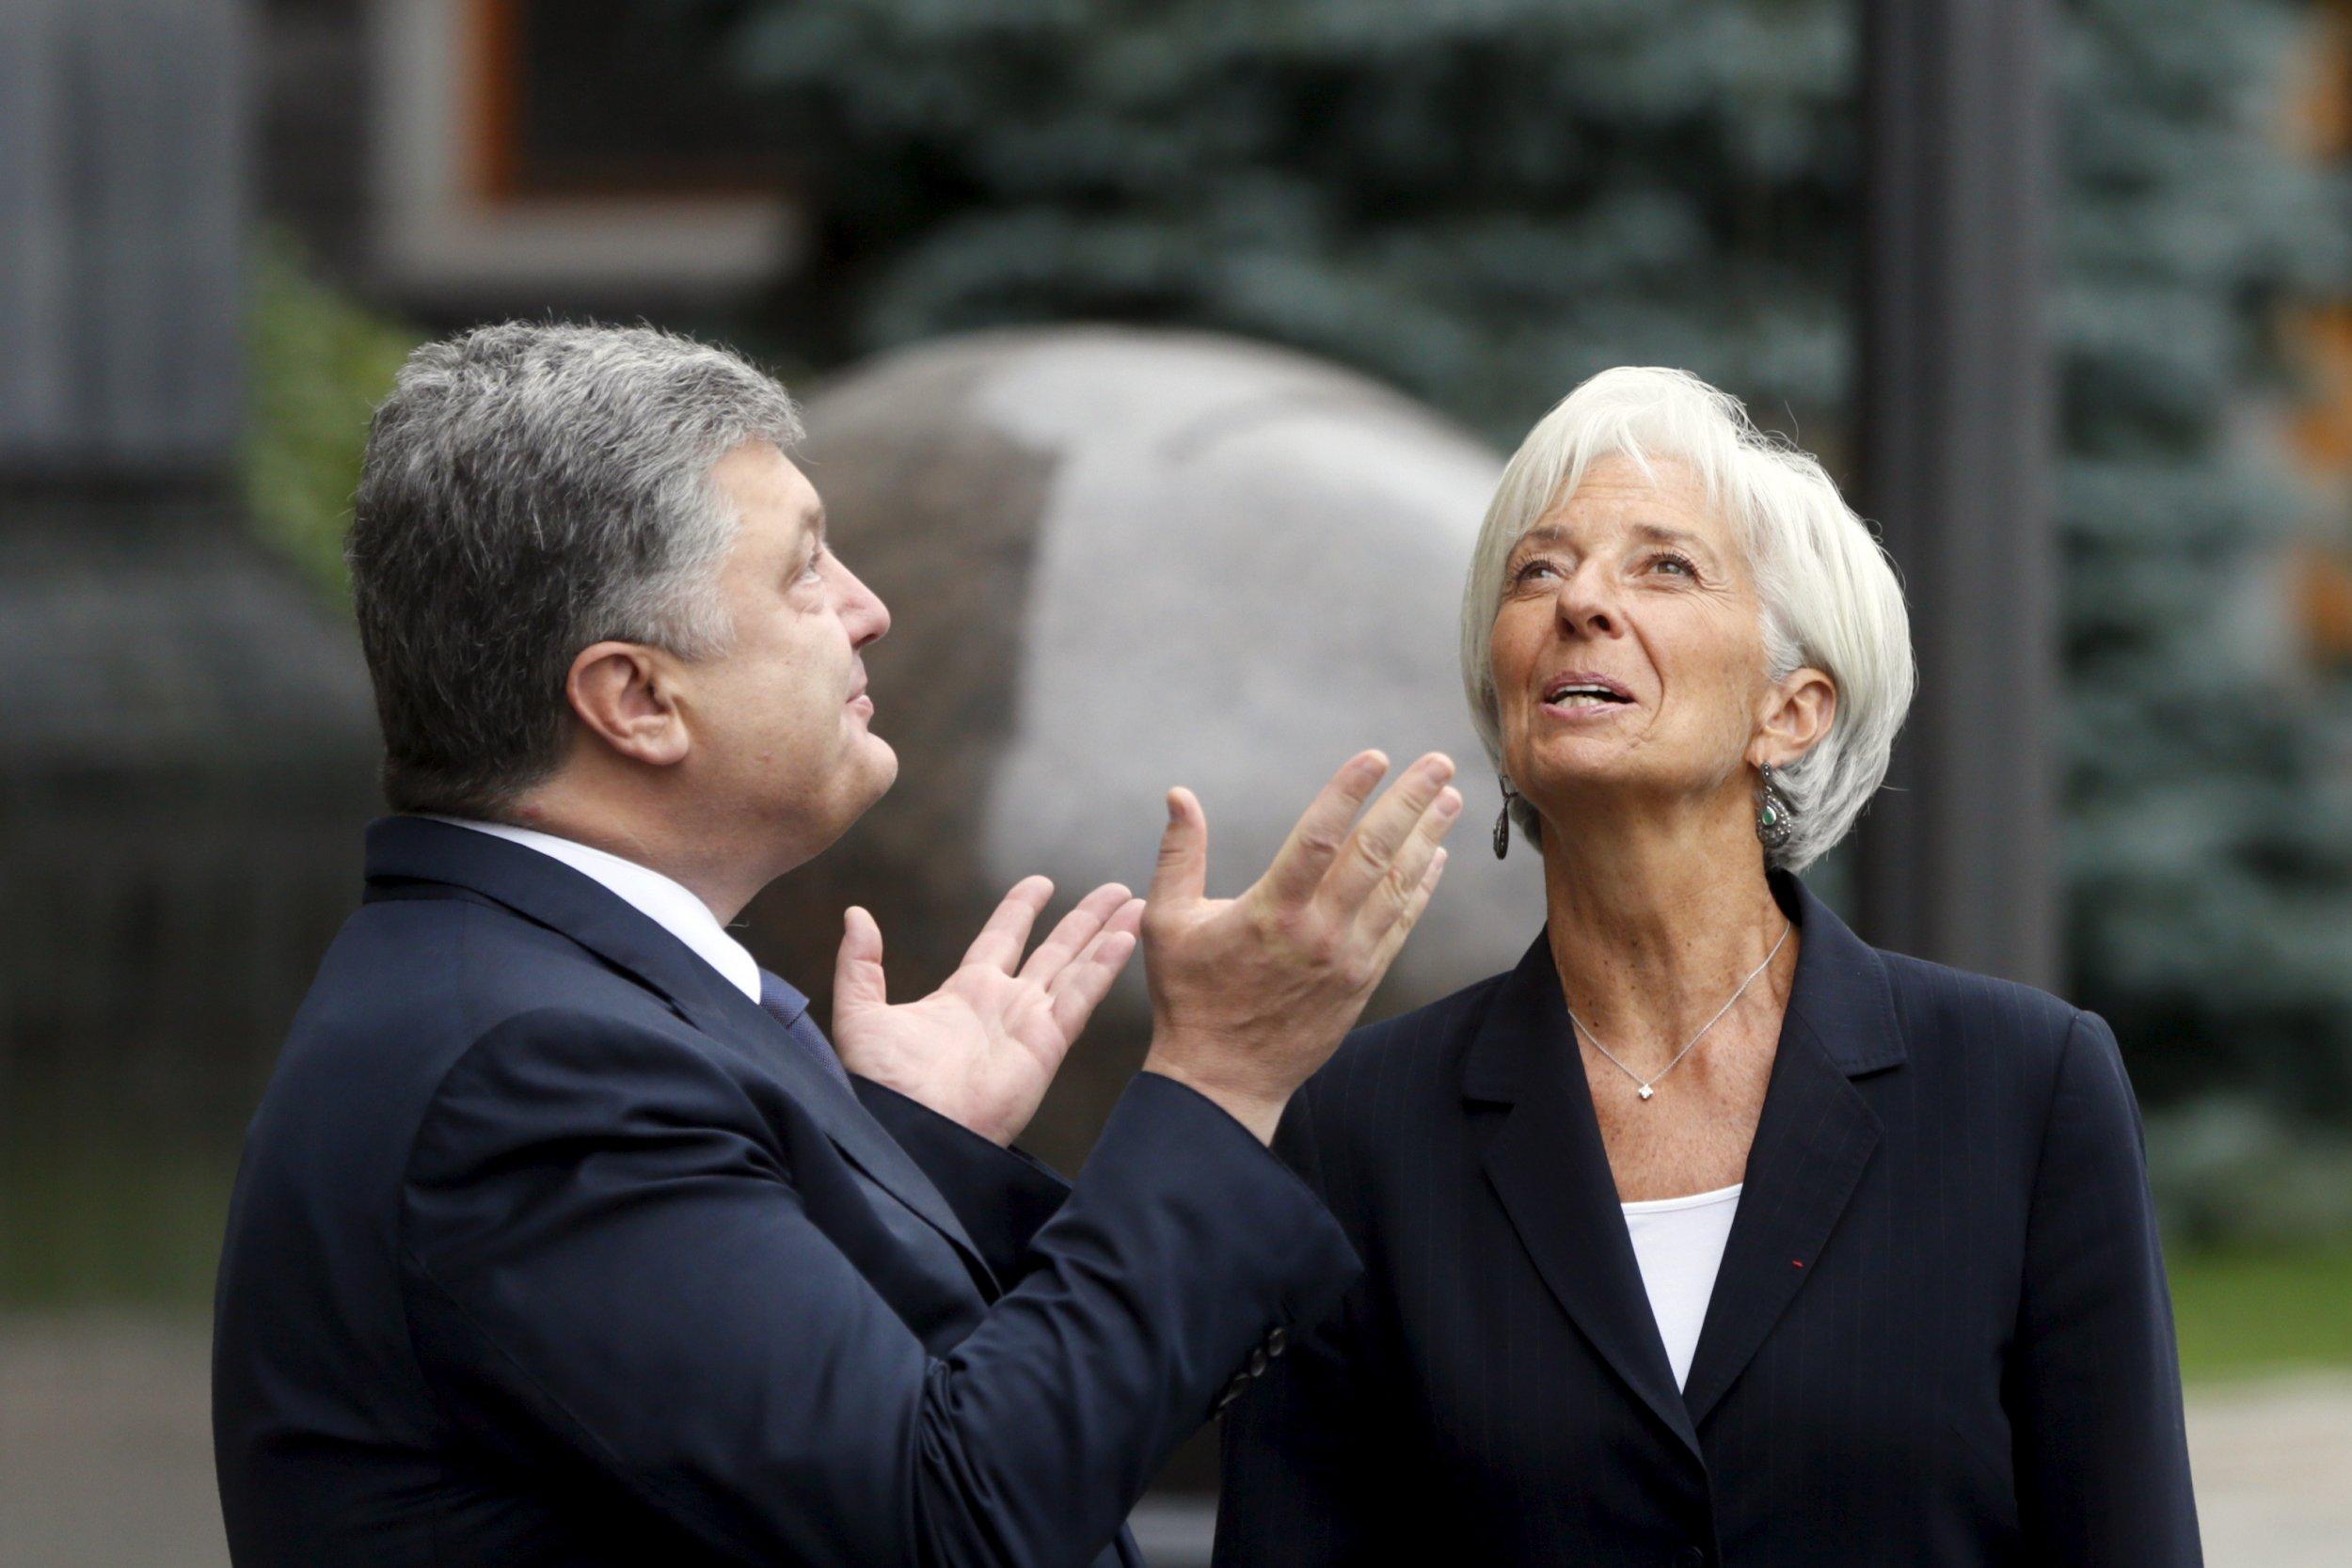 04_22_Lagarde_Poroshenko_01